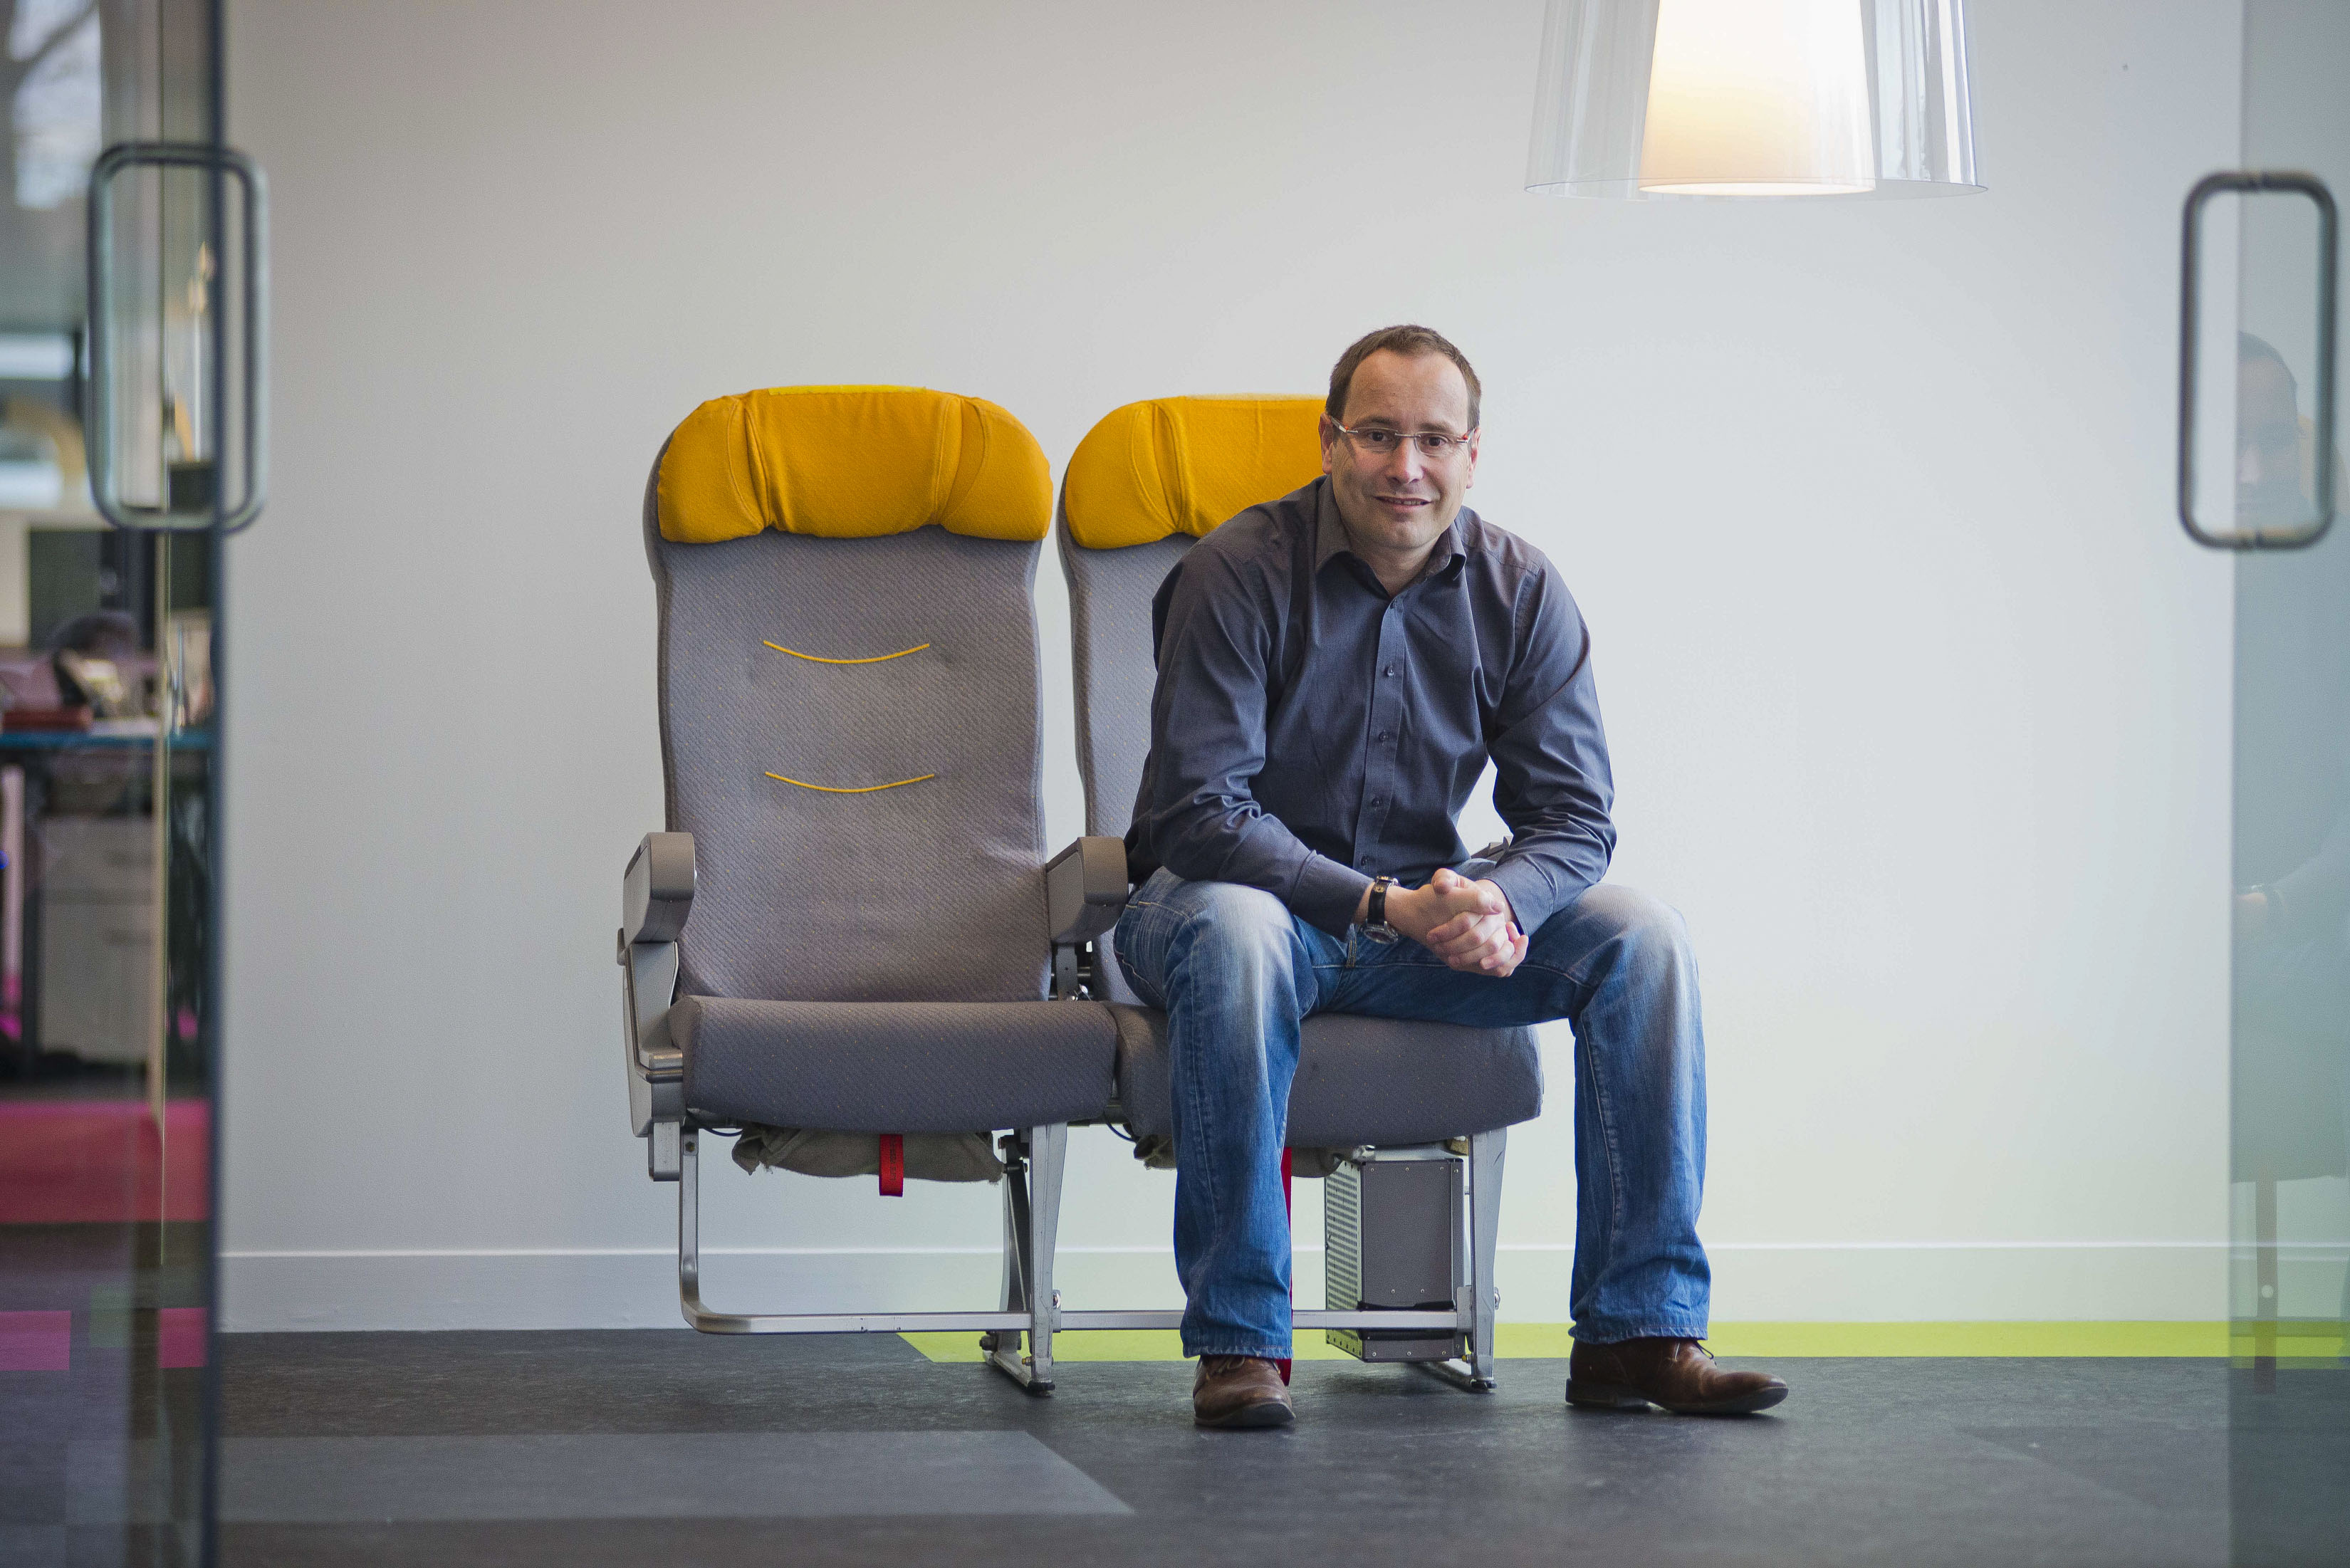 訂機票將有新體驗 Skyscanner擬推出航空公司旗艦店